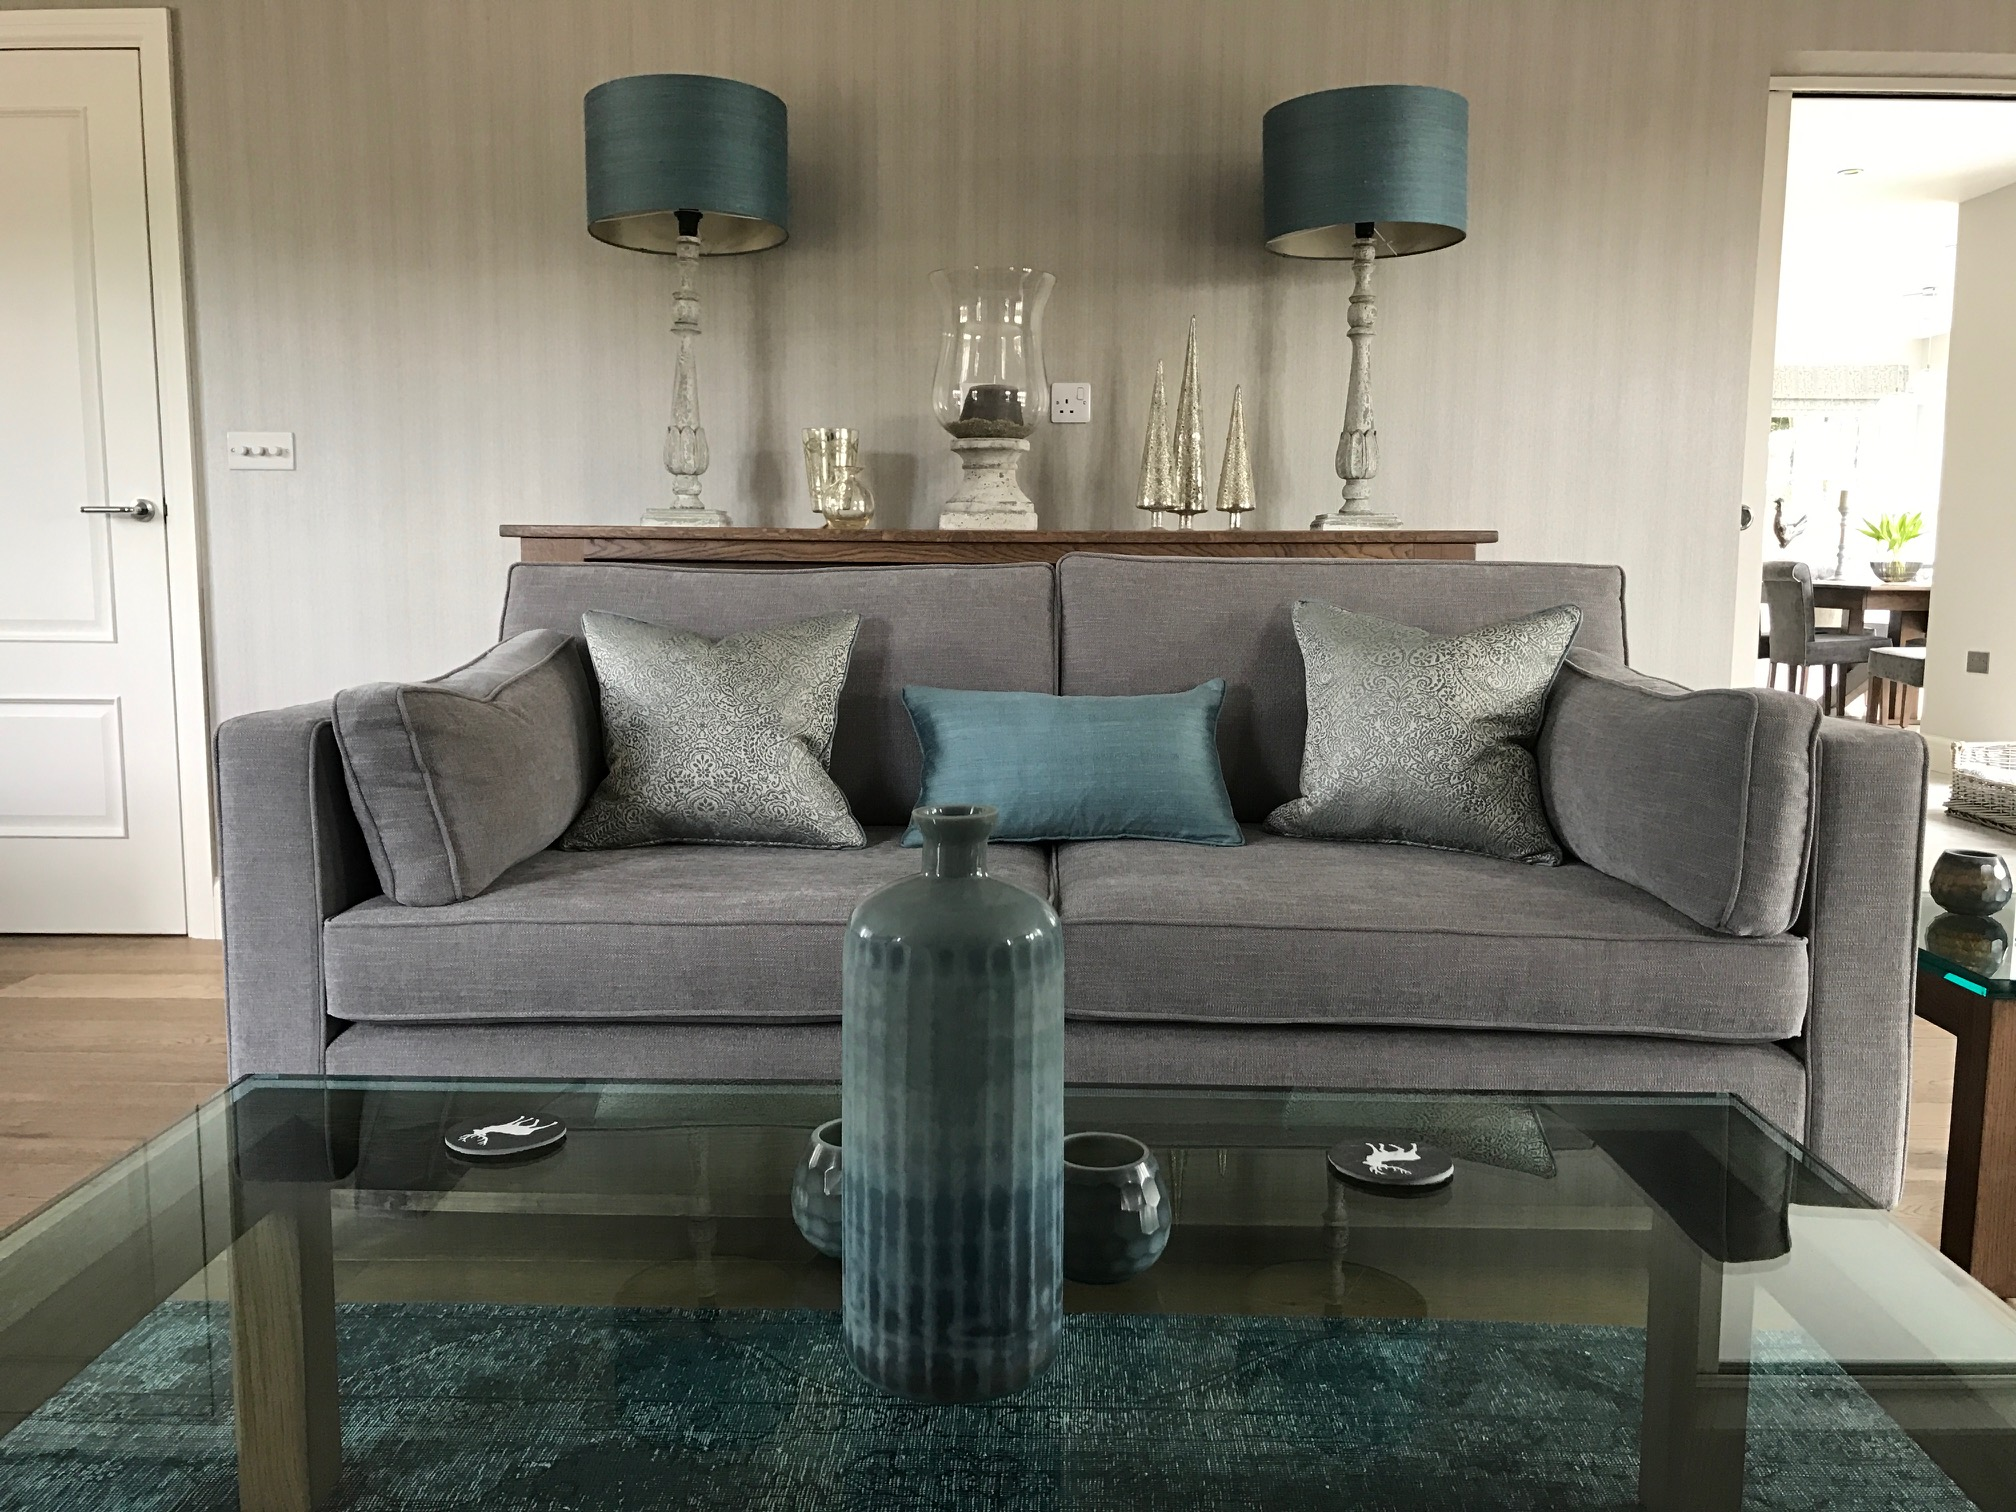 FurnitureDesign